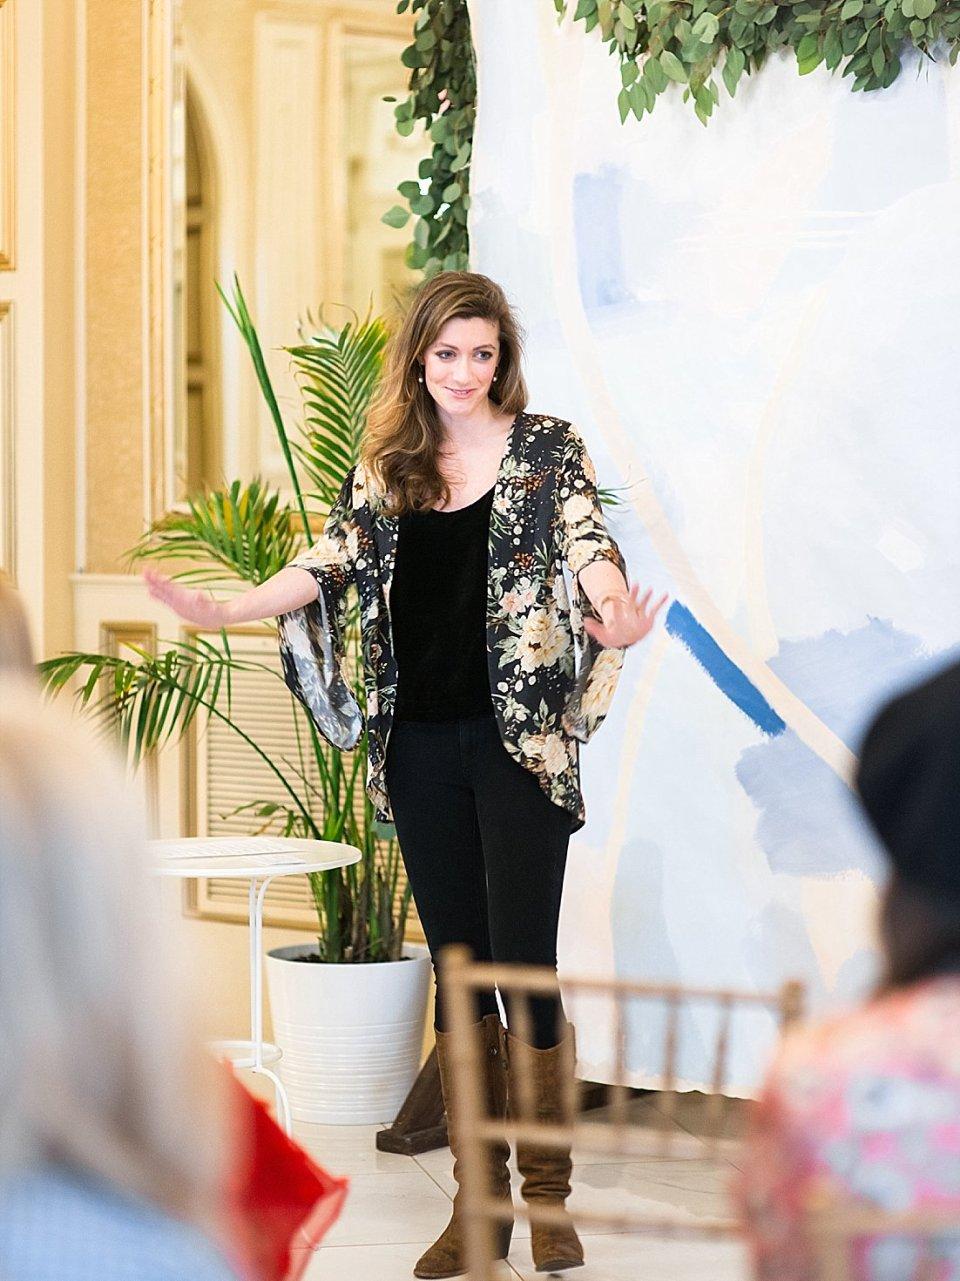 The Joyful Influencer retreat at the kentucky castle Ashlyn Carter speaking from Ashlyn Writes